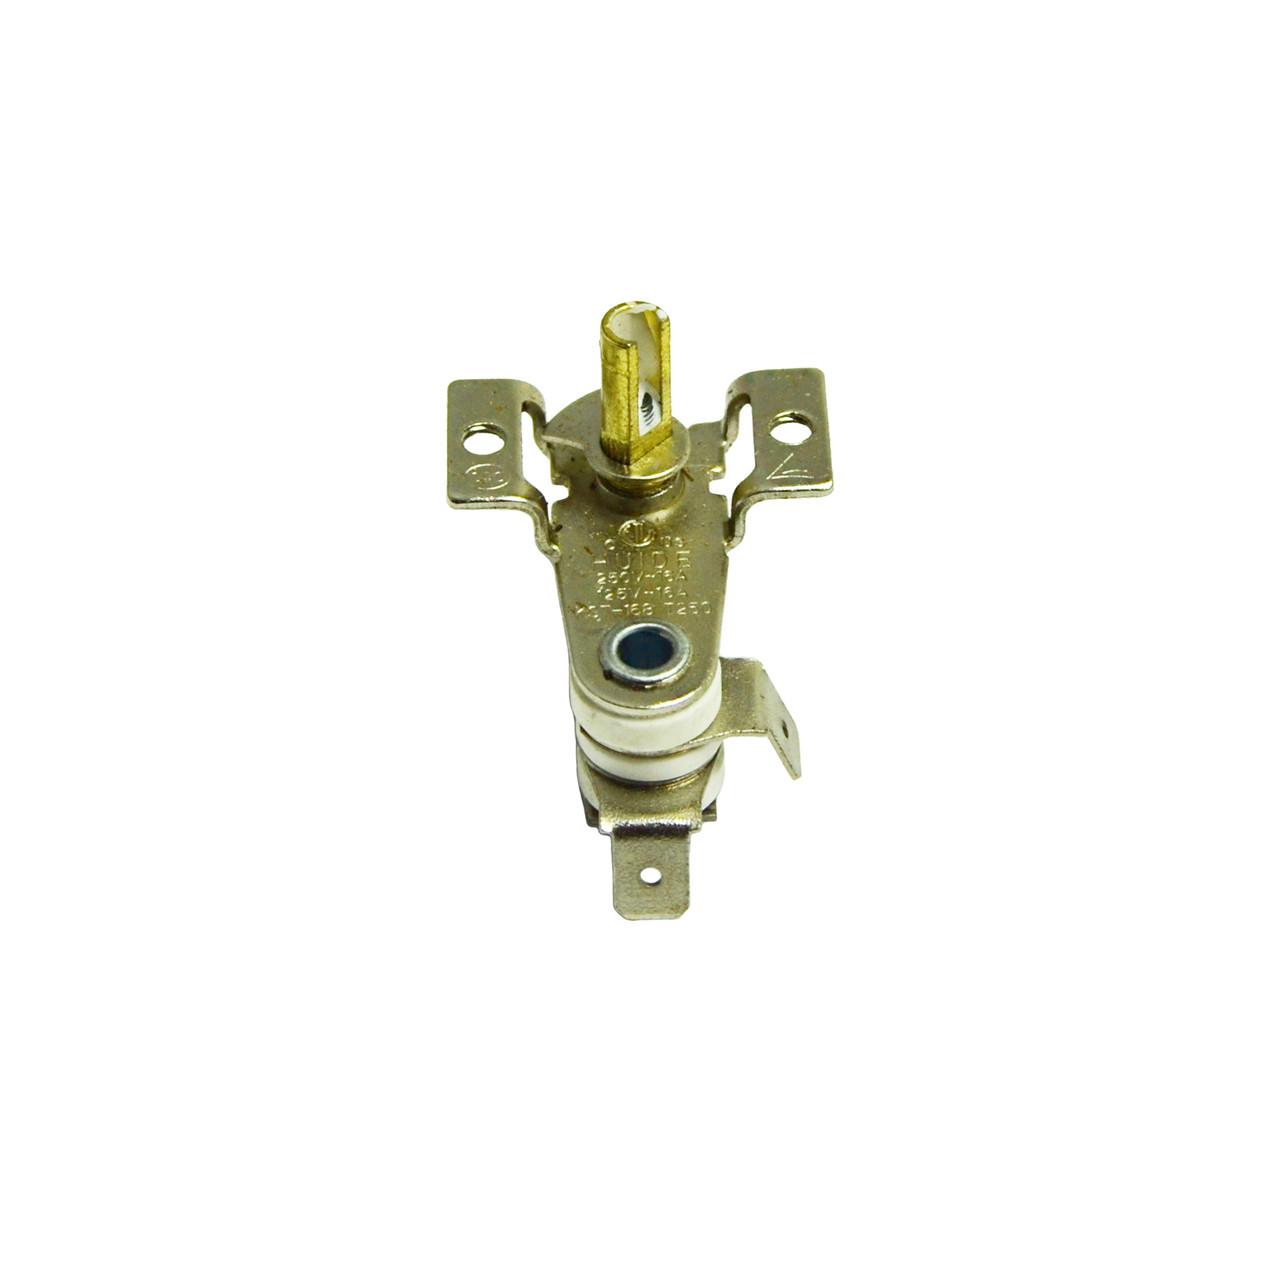 Терморегулятор KST 168 для обогревателя (16А, ножки под 90°, крепежные отверстия 3 мм)